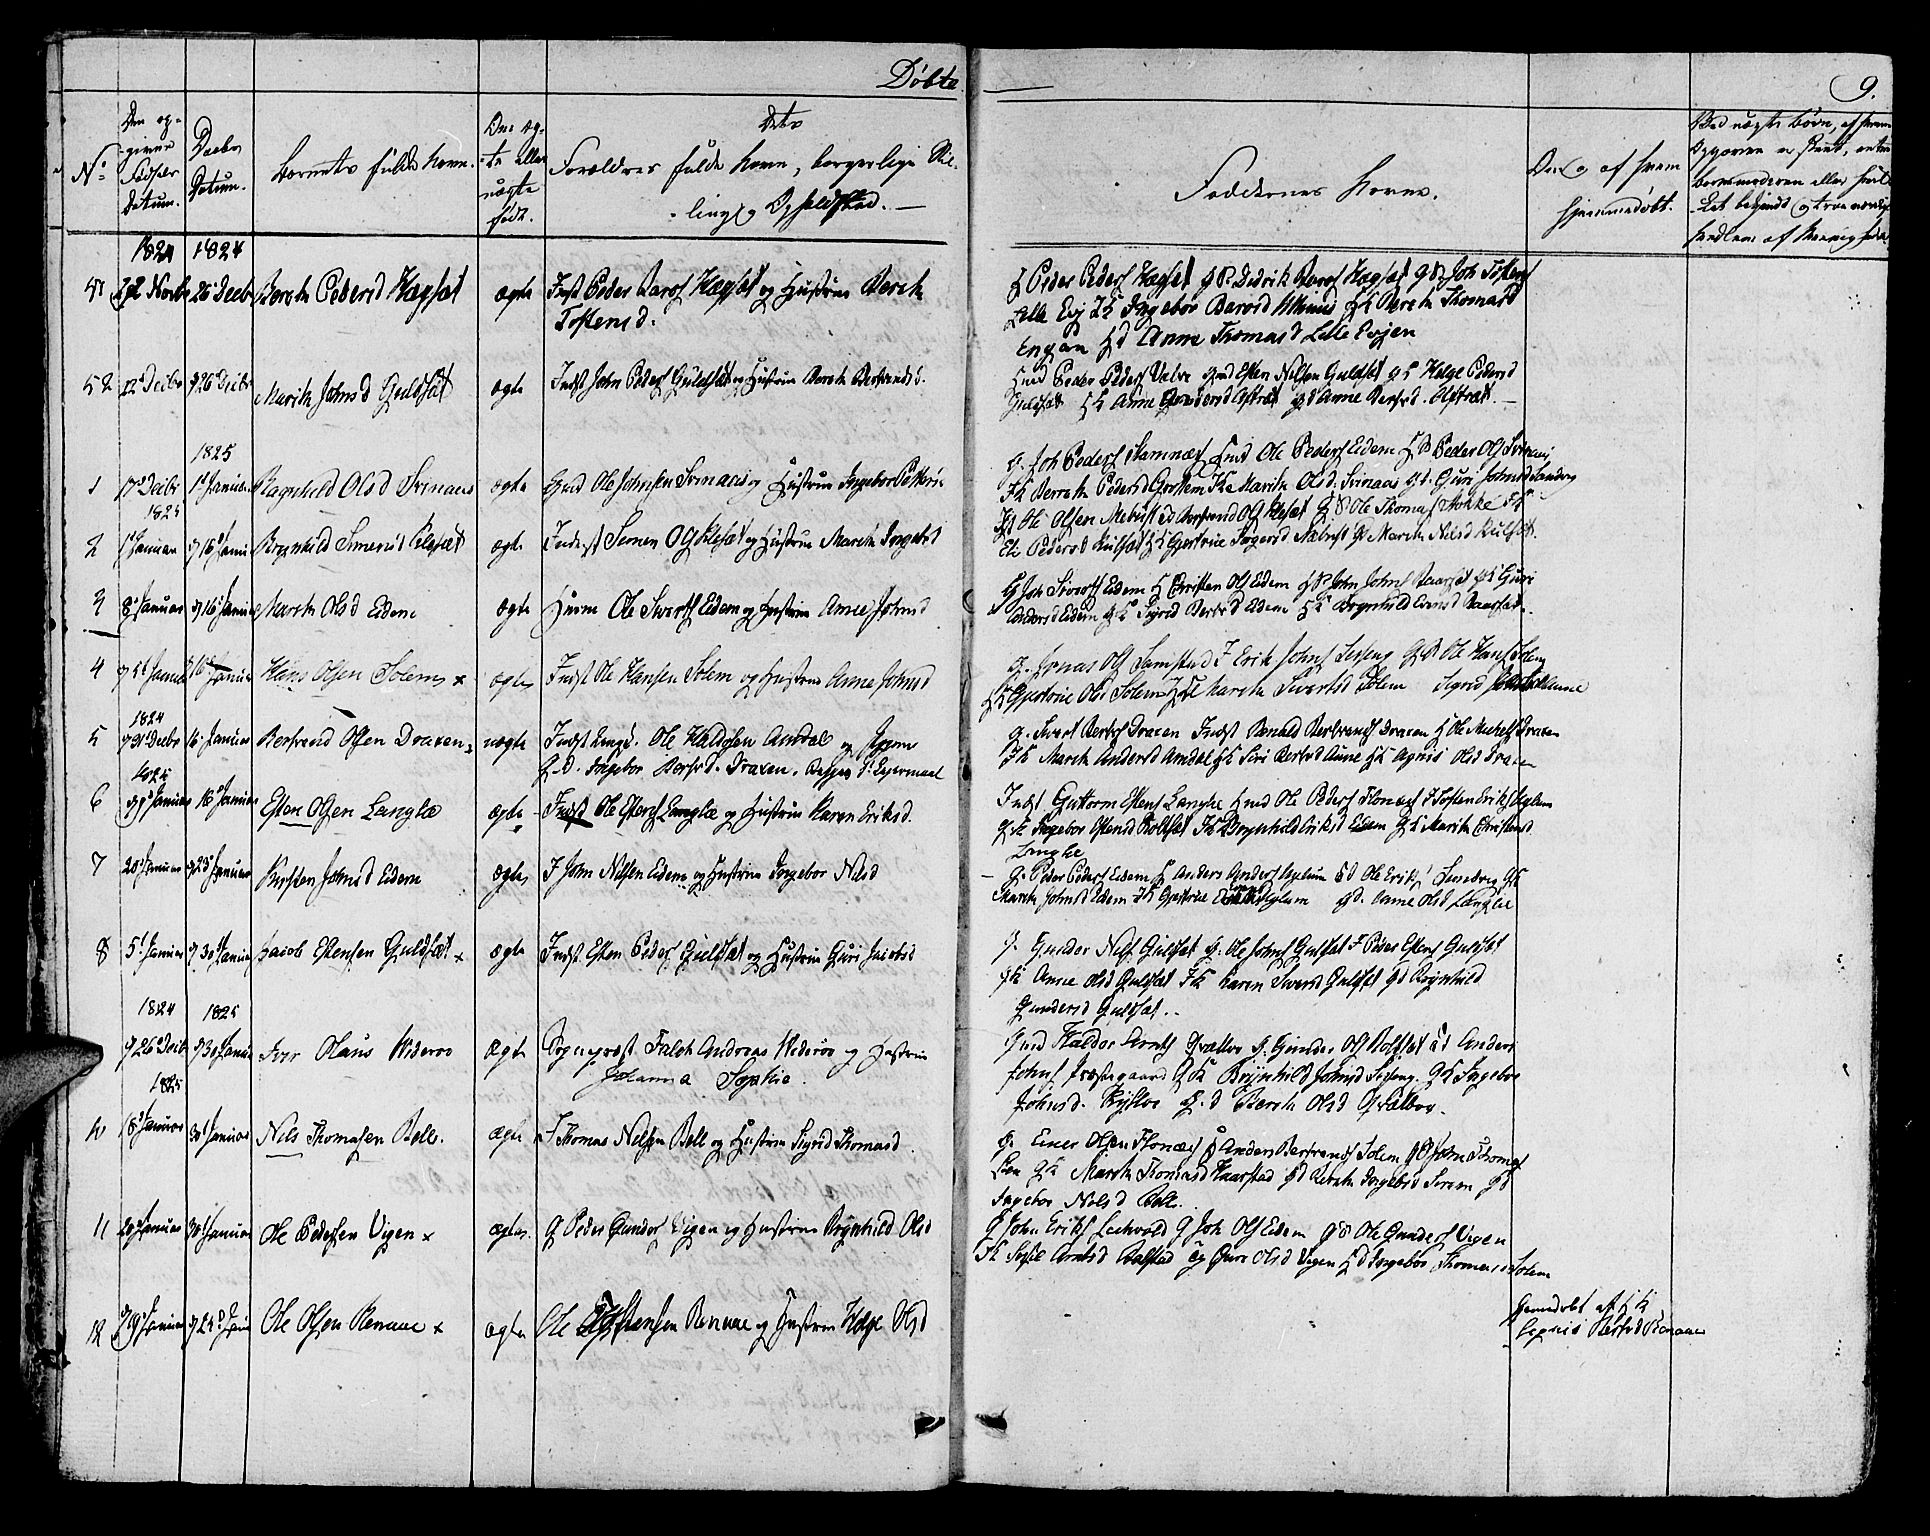 SAT, Ministerialprotokoller, klokkerbøker og fødselsregistre - Sør-Trøndelag, 695/L1143: Ministerialbok nr. 695A05 /1, 1824-1842, s. 9